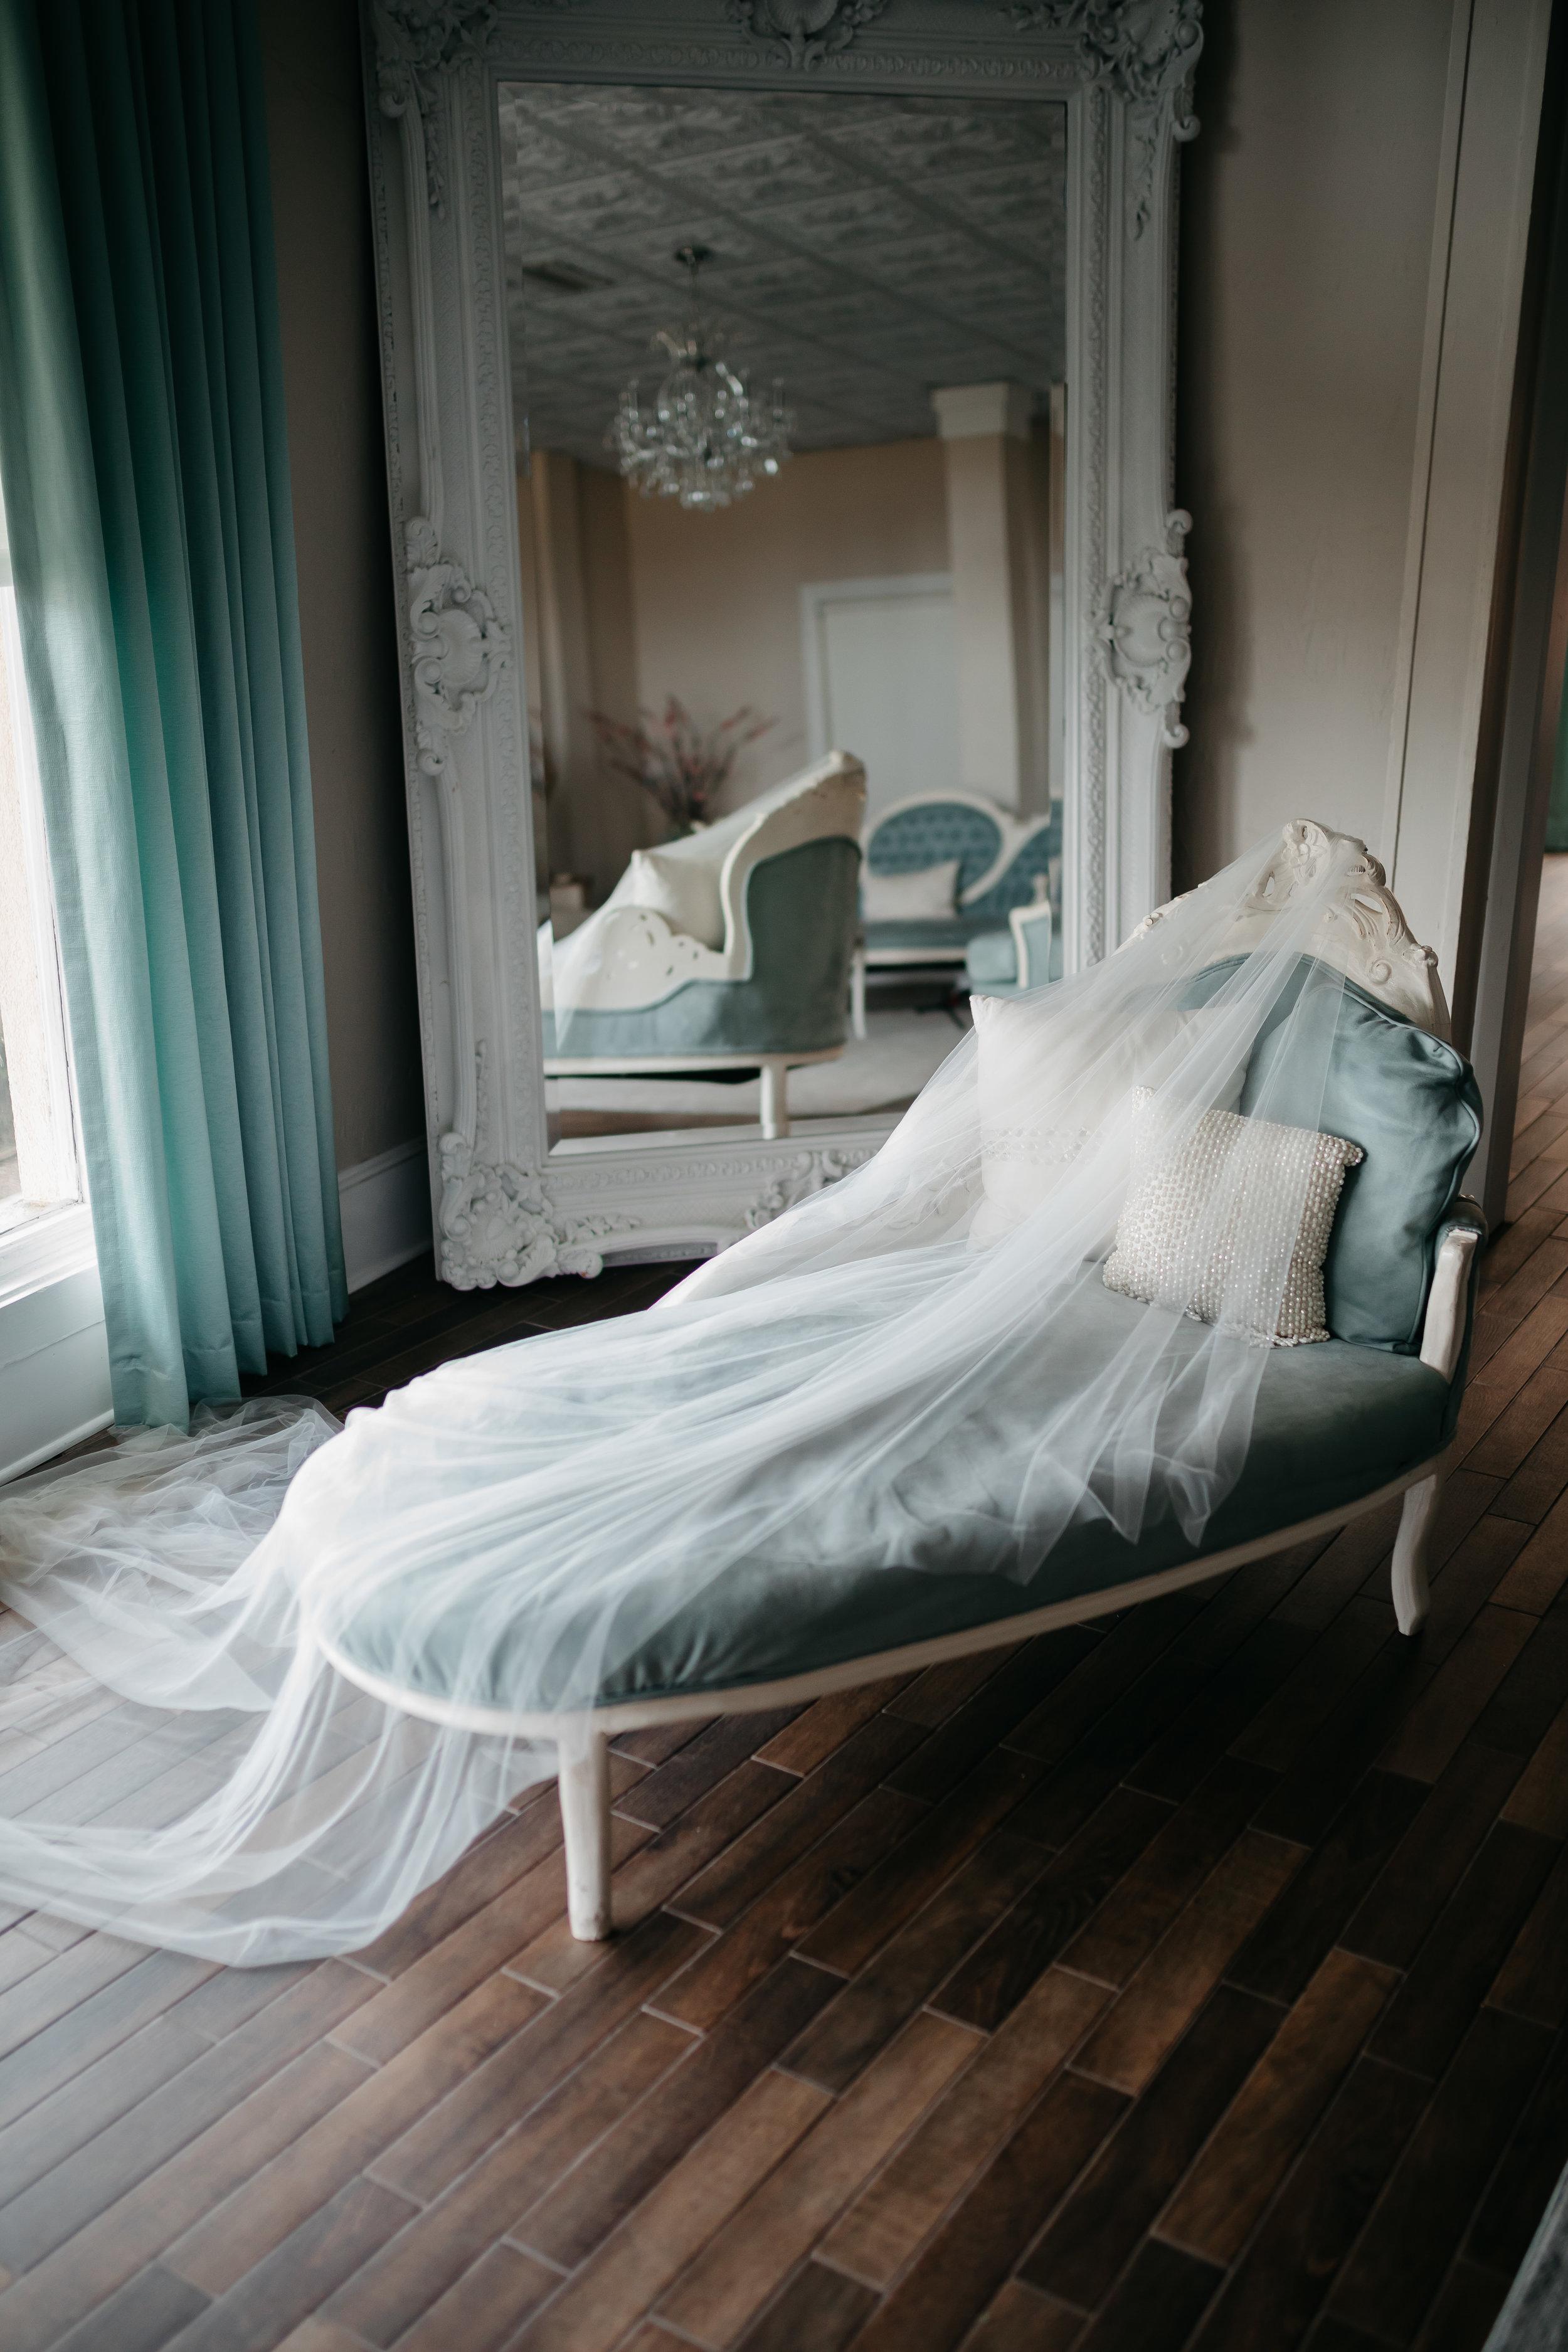 Letson_The_White_Room_1300.jpg